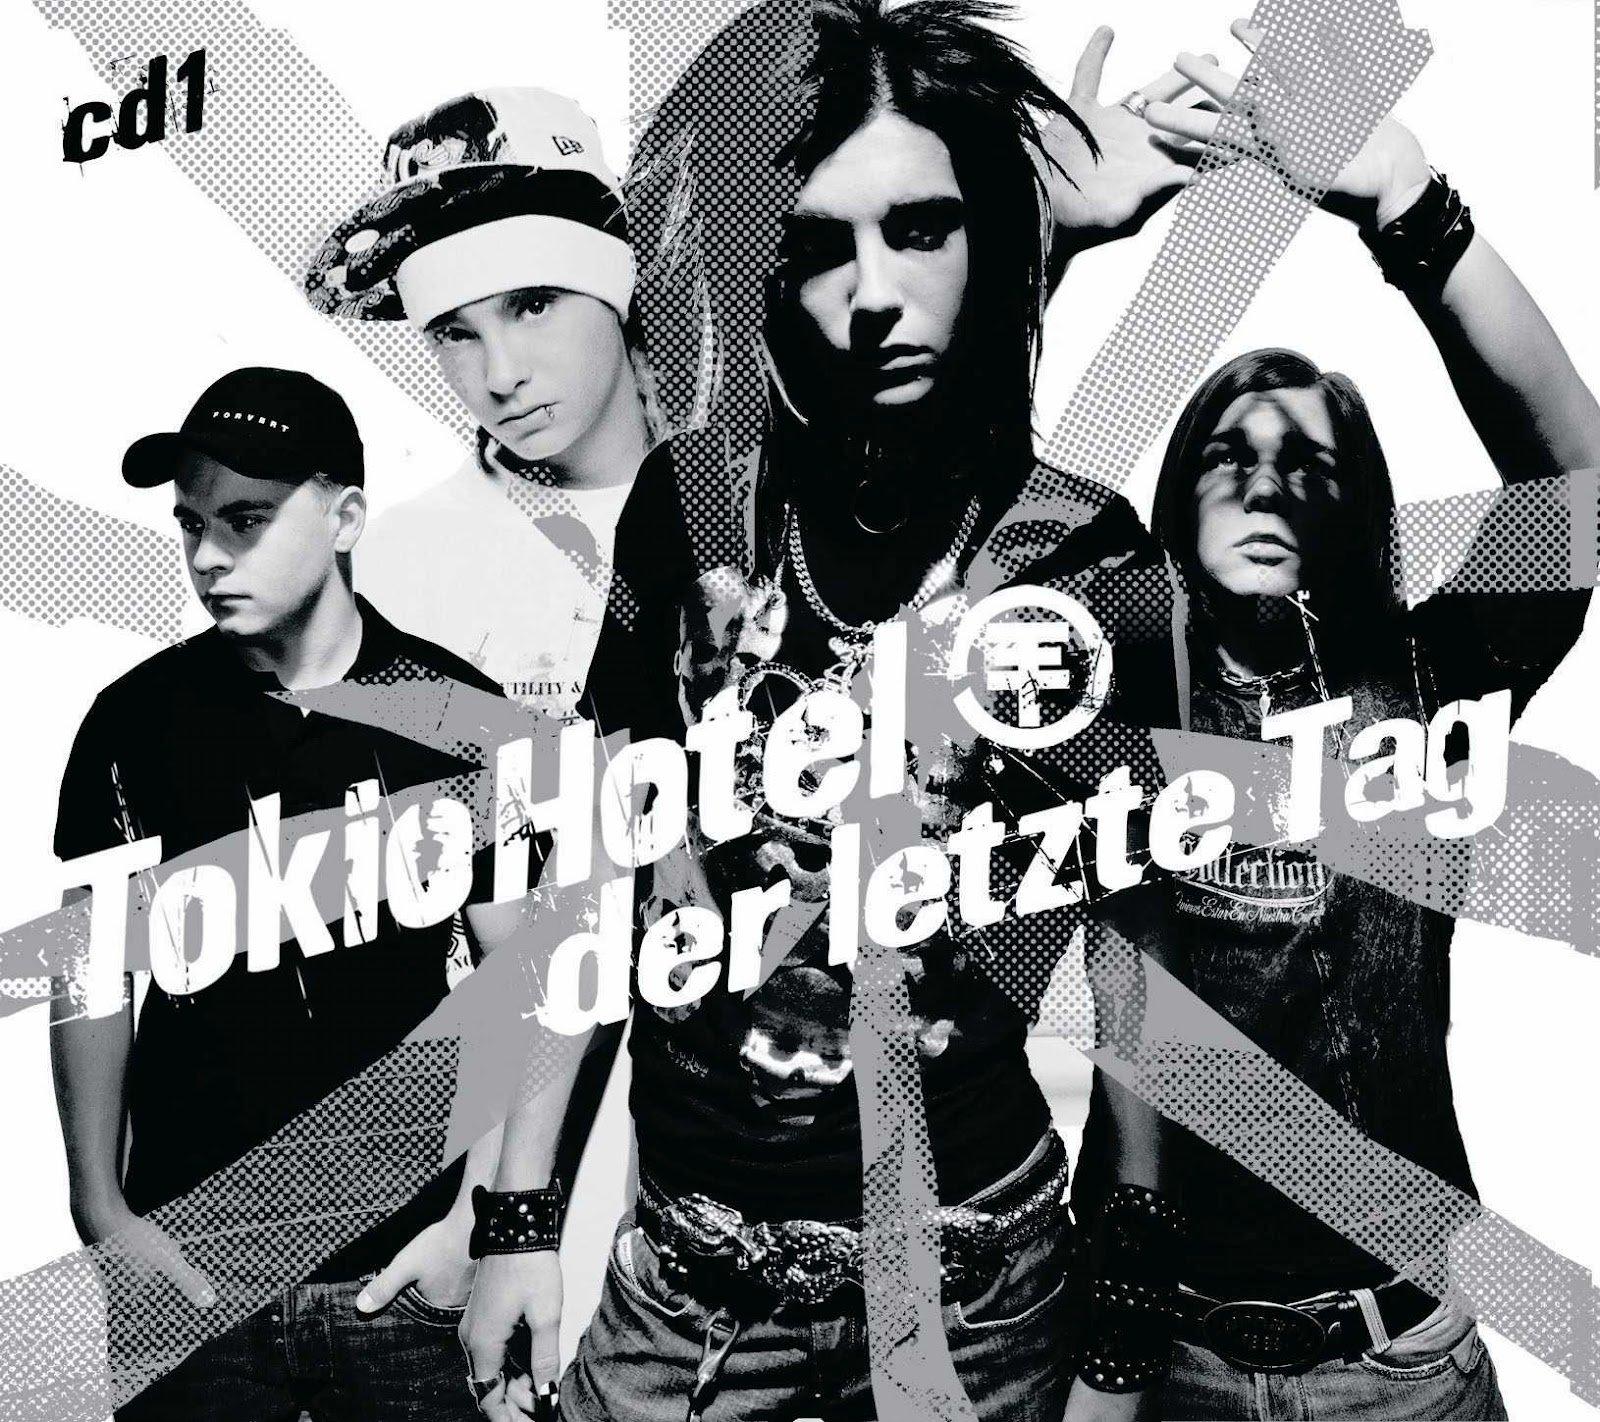 Tokio Hotel album Der letzte Tag